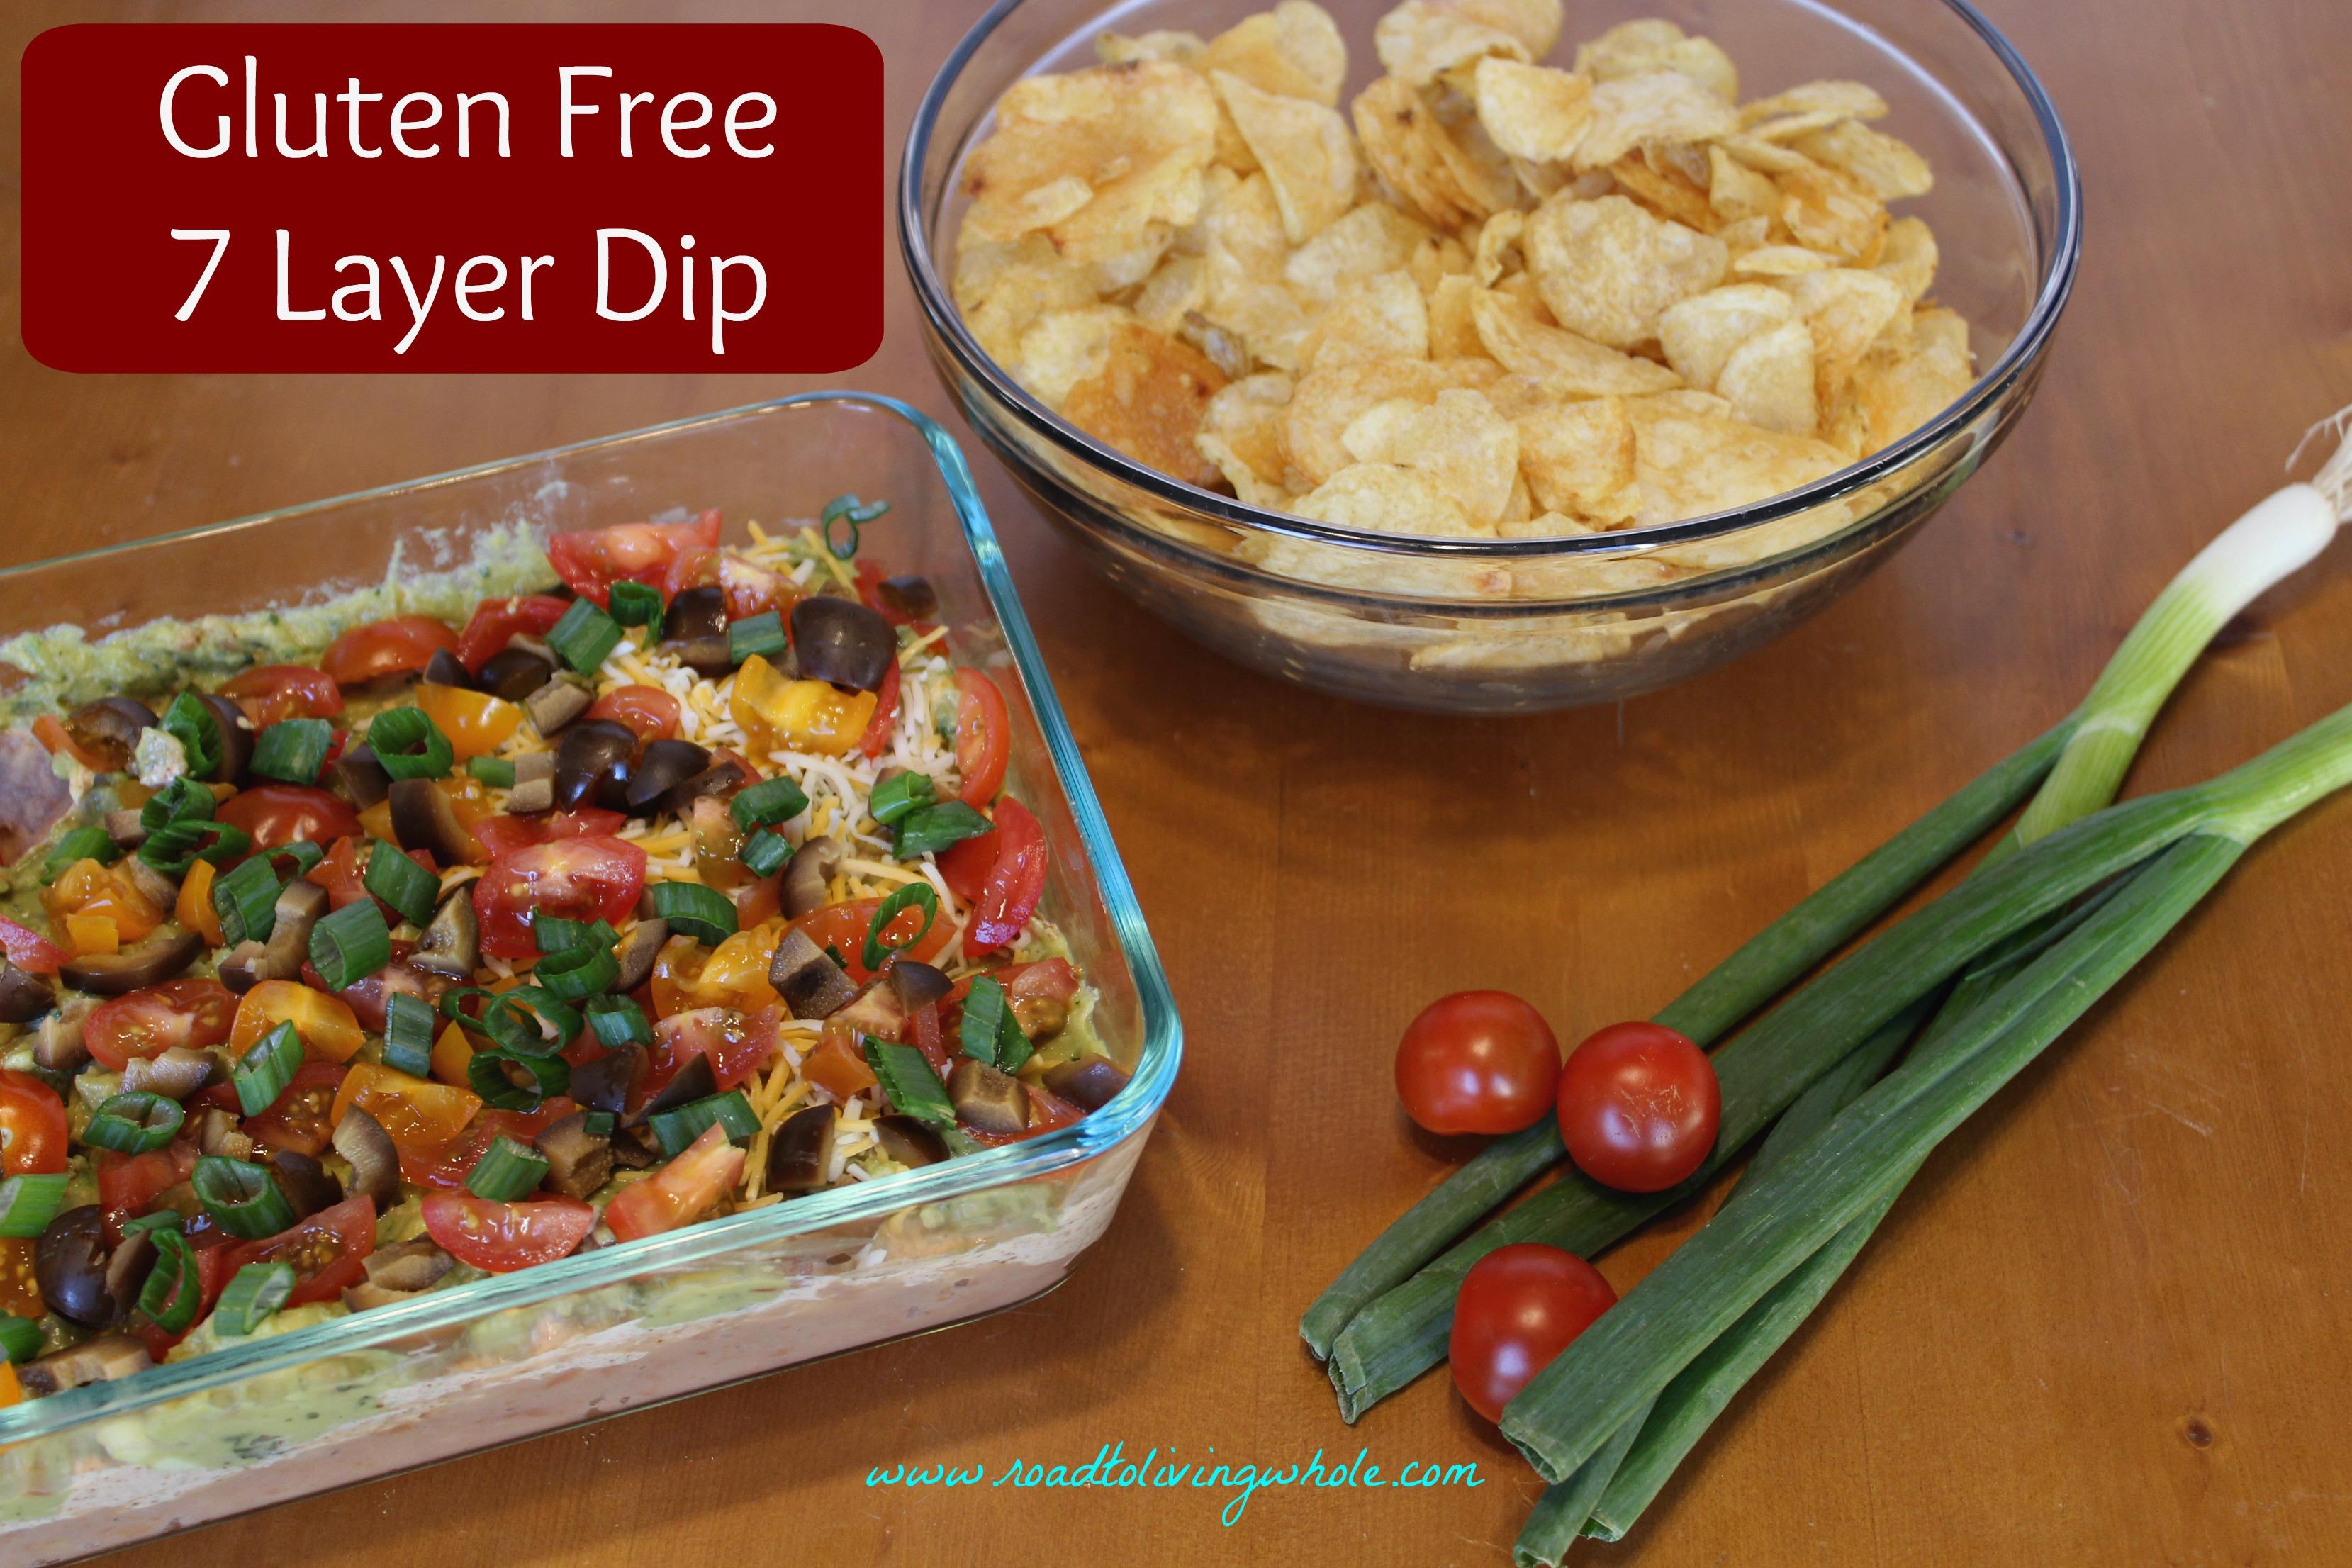 gluten free 7 layer dip